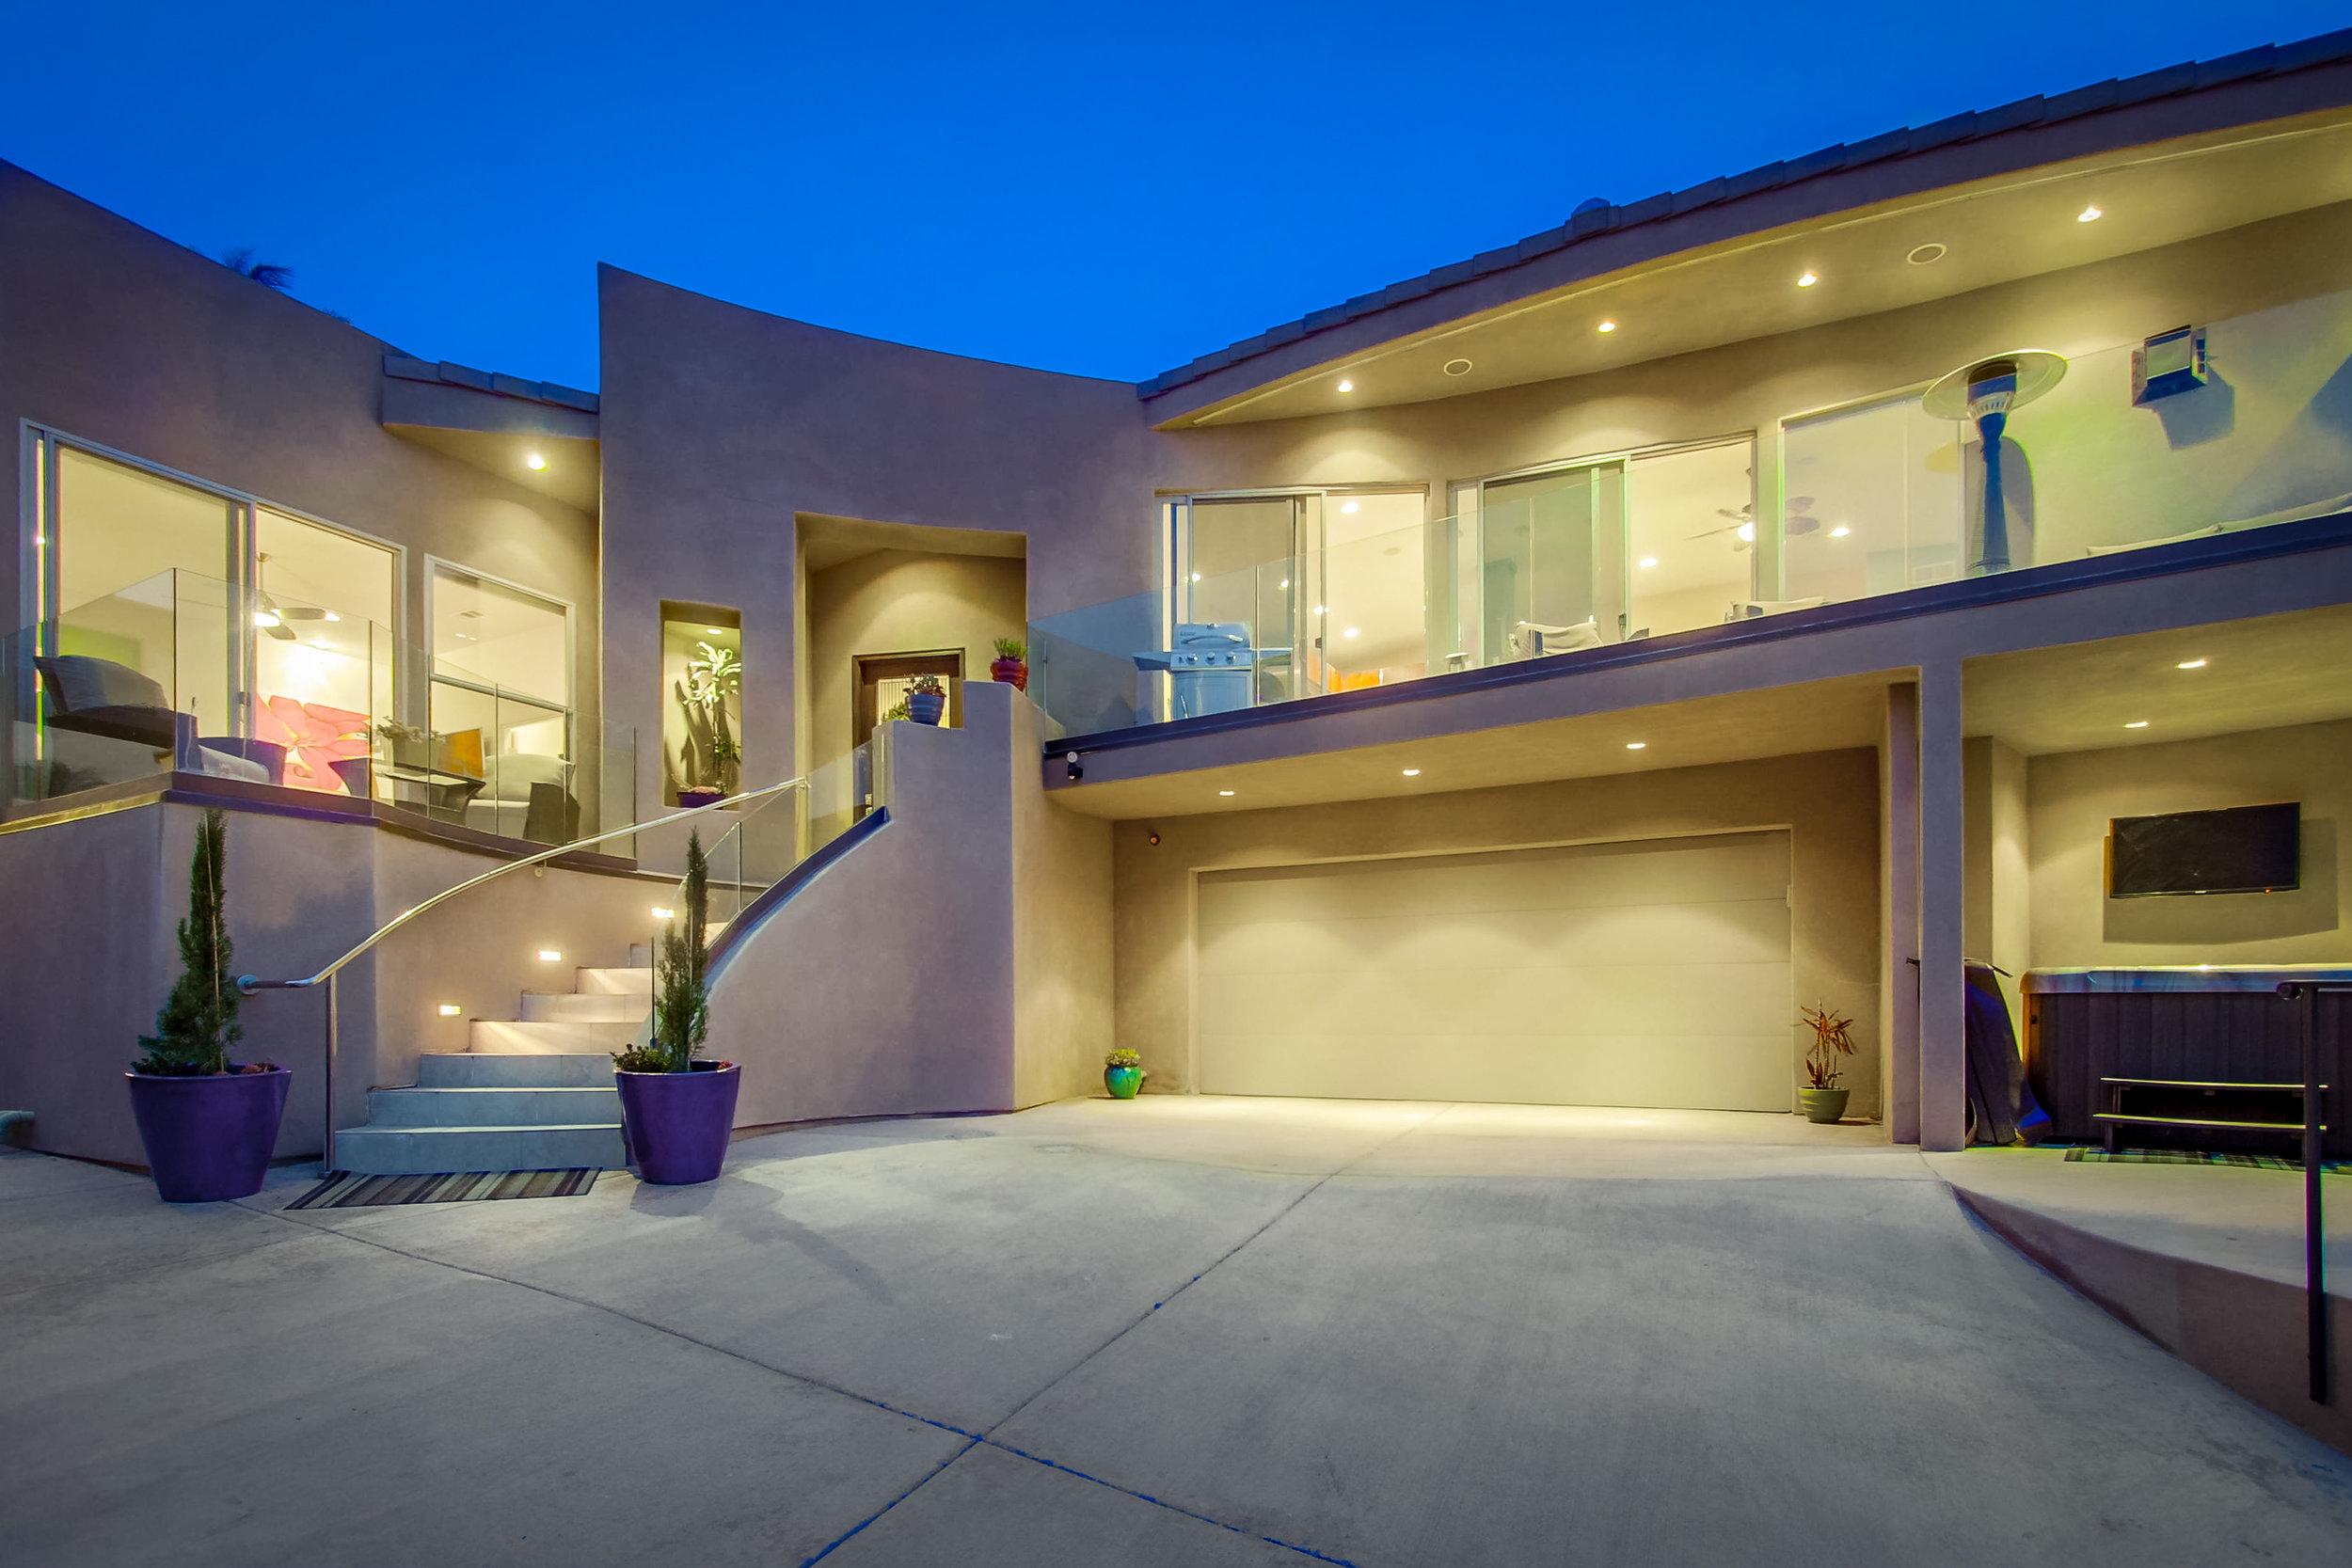 1518 Monmouth Dr | N. Pacific Beach | $2,125,000